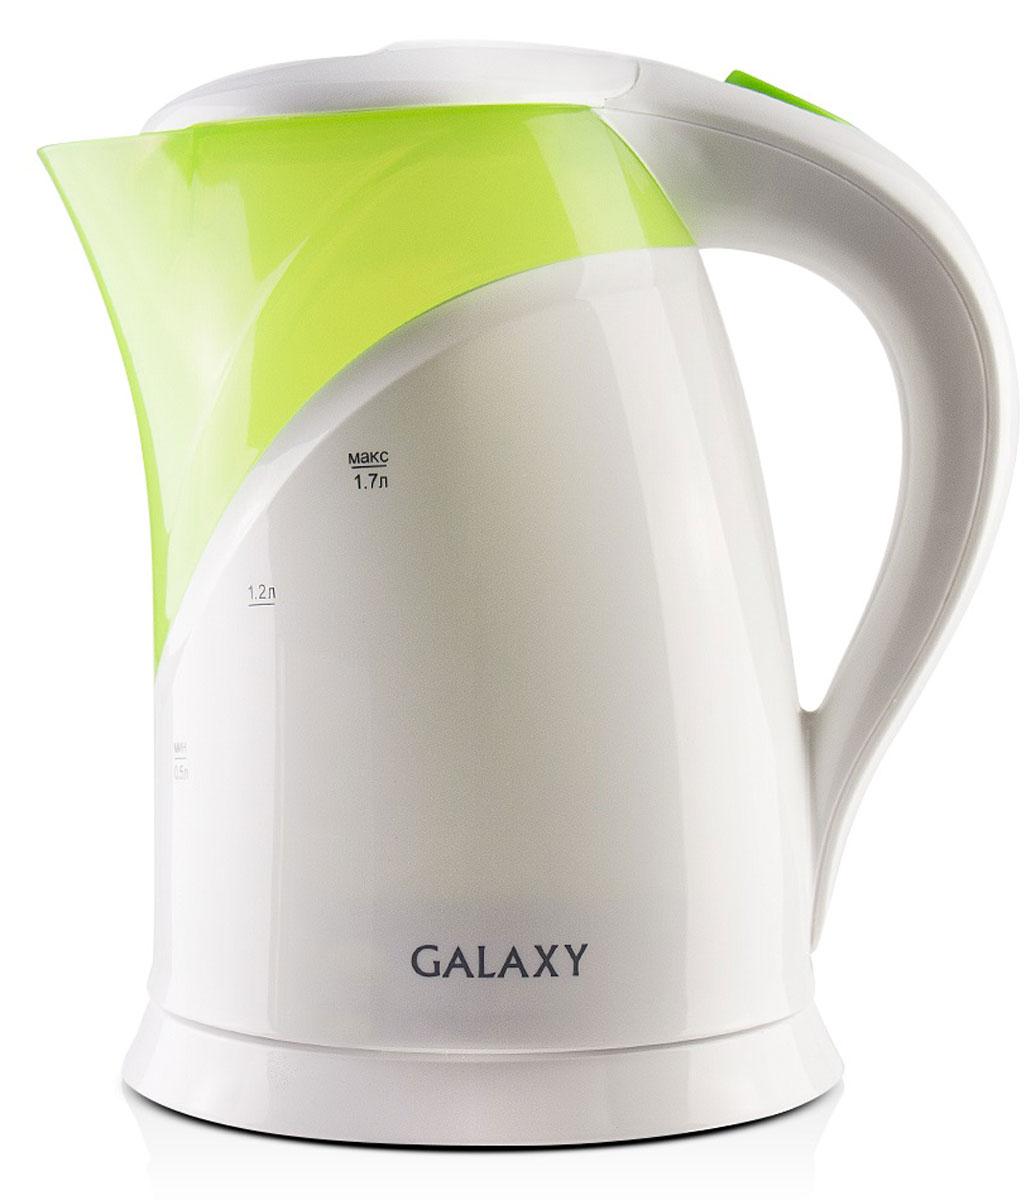 Galaxy GL 0208 электрический чайник4630003362315Galaxy GL 0208 - надежный электрочайник мощностью 2200 Вт в корпусе из качественного пластика. Прибор оснащен скрытым нагревательным элементом и позволяет вскипятить до 1,7 литра воды. Данная модель оборудована светоиндикатором работы, поворотной поверхностью 360° и фильтром для воды. Для обеспечения безопасности при повседневном использовании предусмотрены функция автовыключения, а также защита от включения при отсутствии воды.